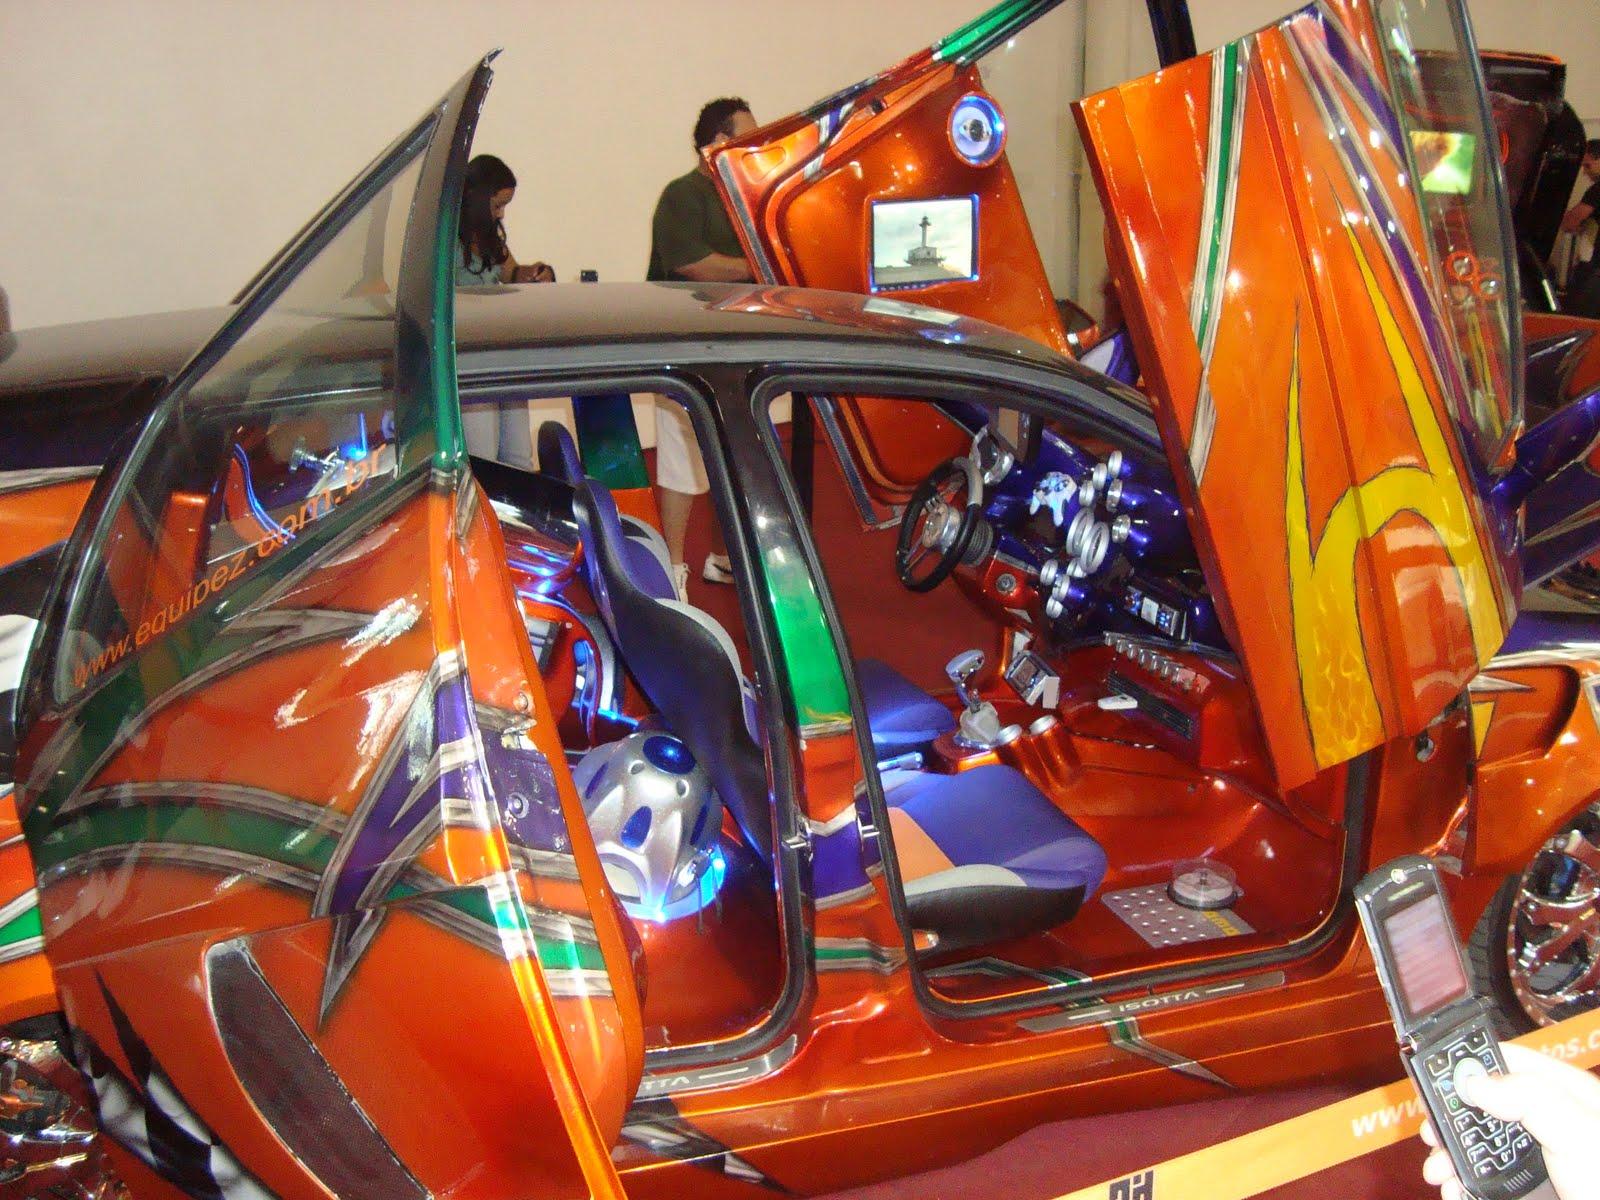 Geladeiras Palavra-cattitude Carro ímã para Para-choques de carro Presentes Geladeira